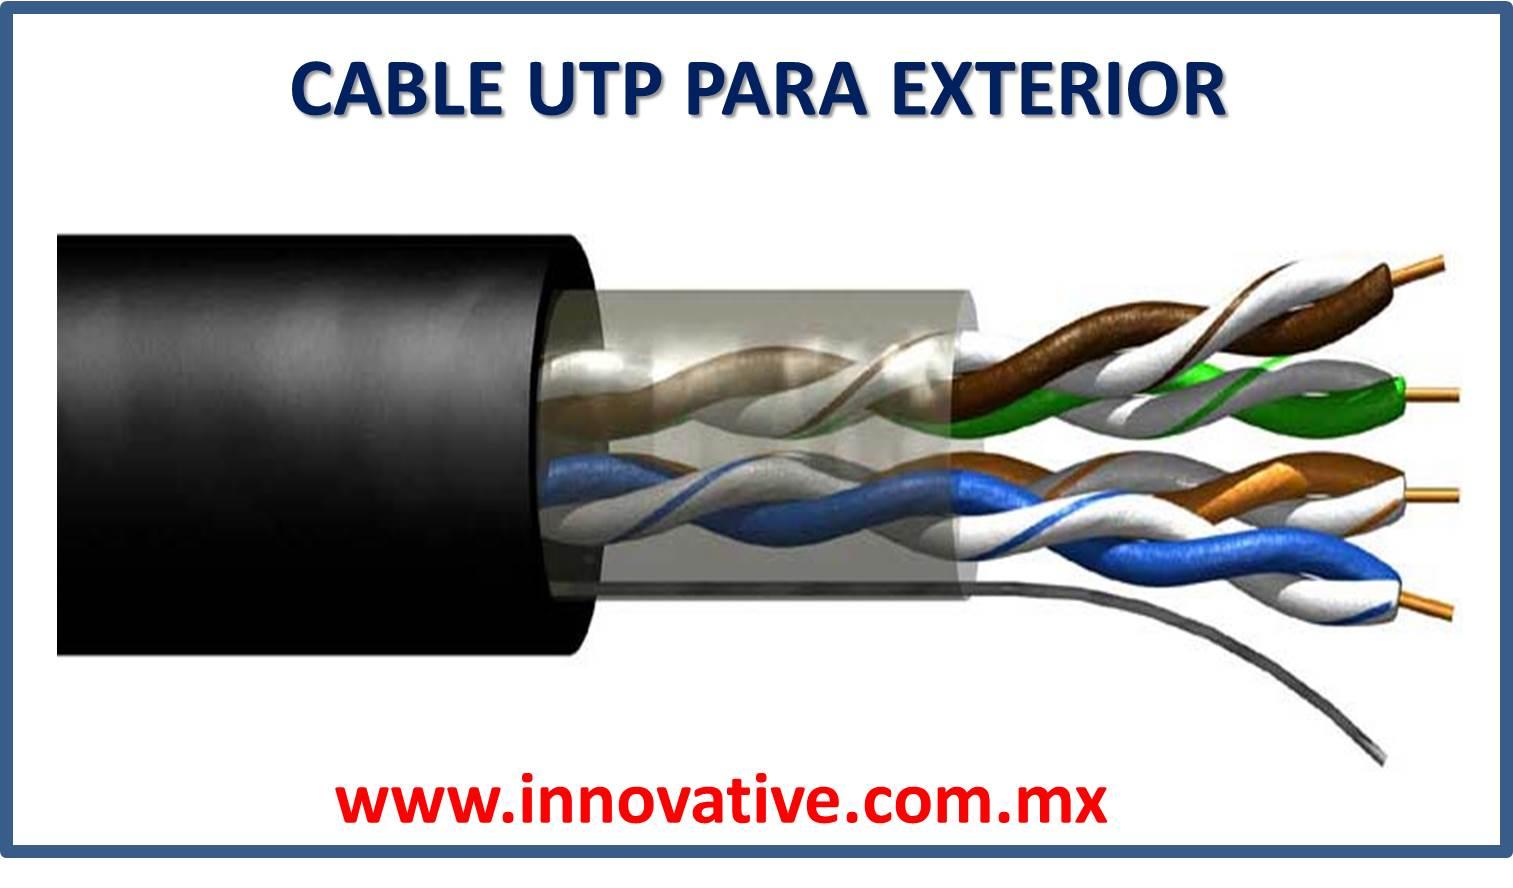 Cable utp para exterior - Cable para exterior ...